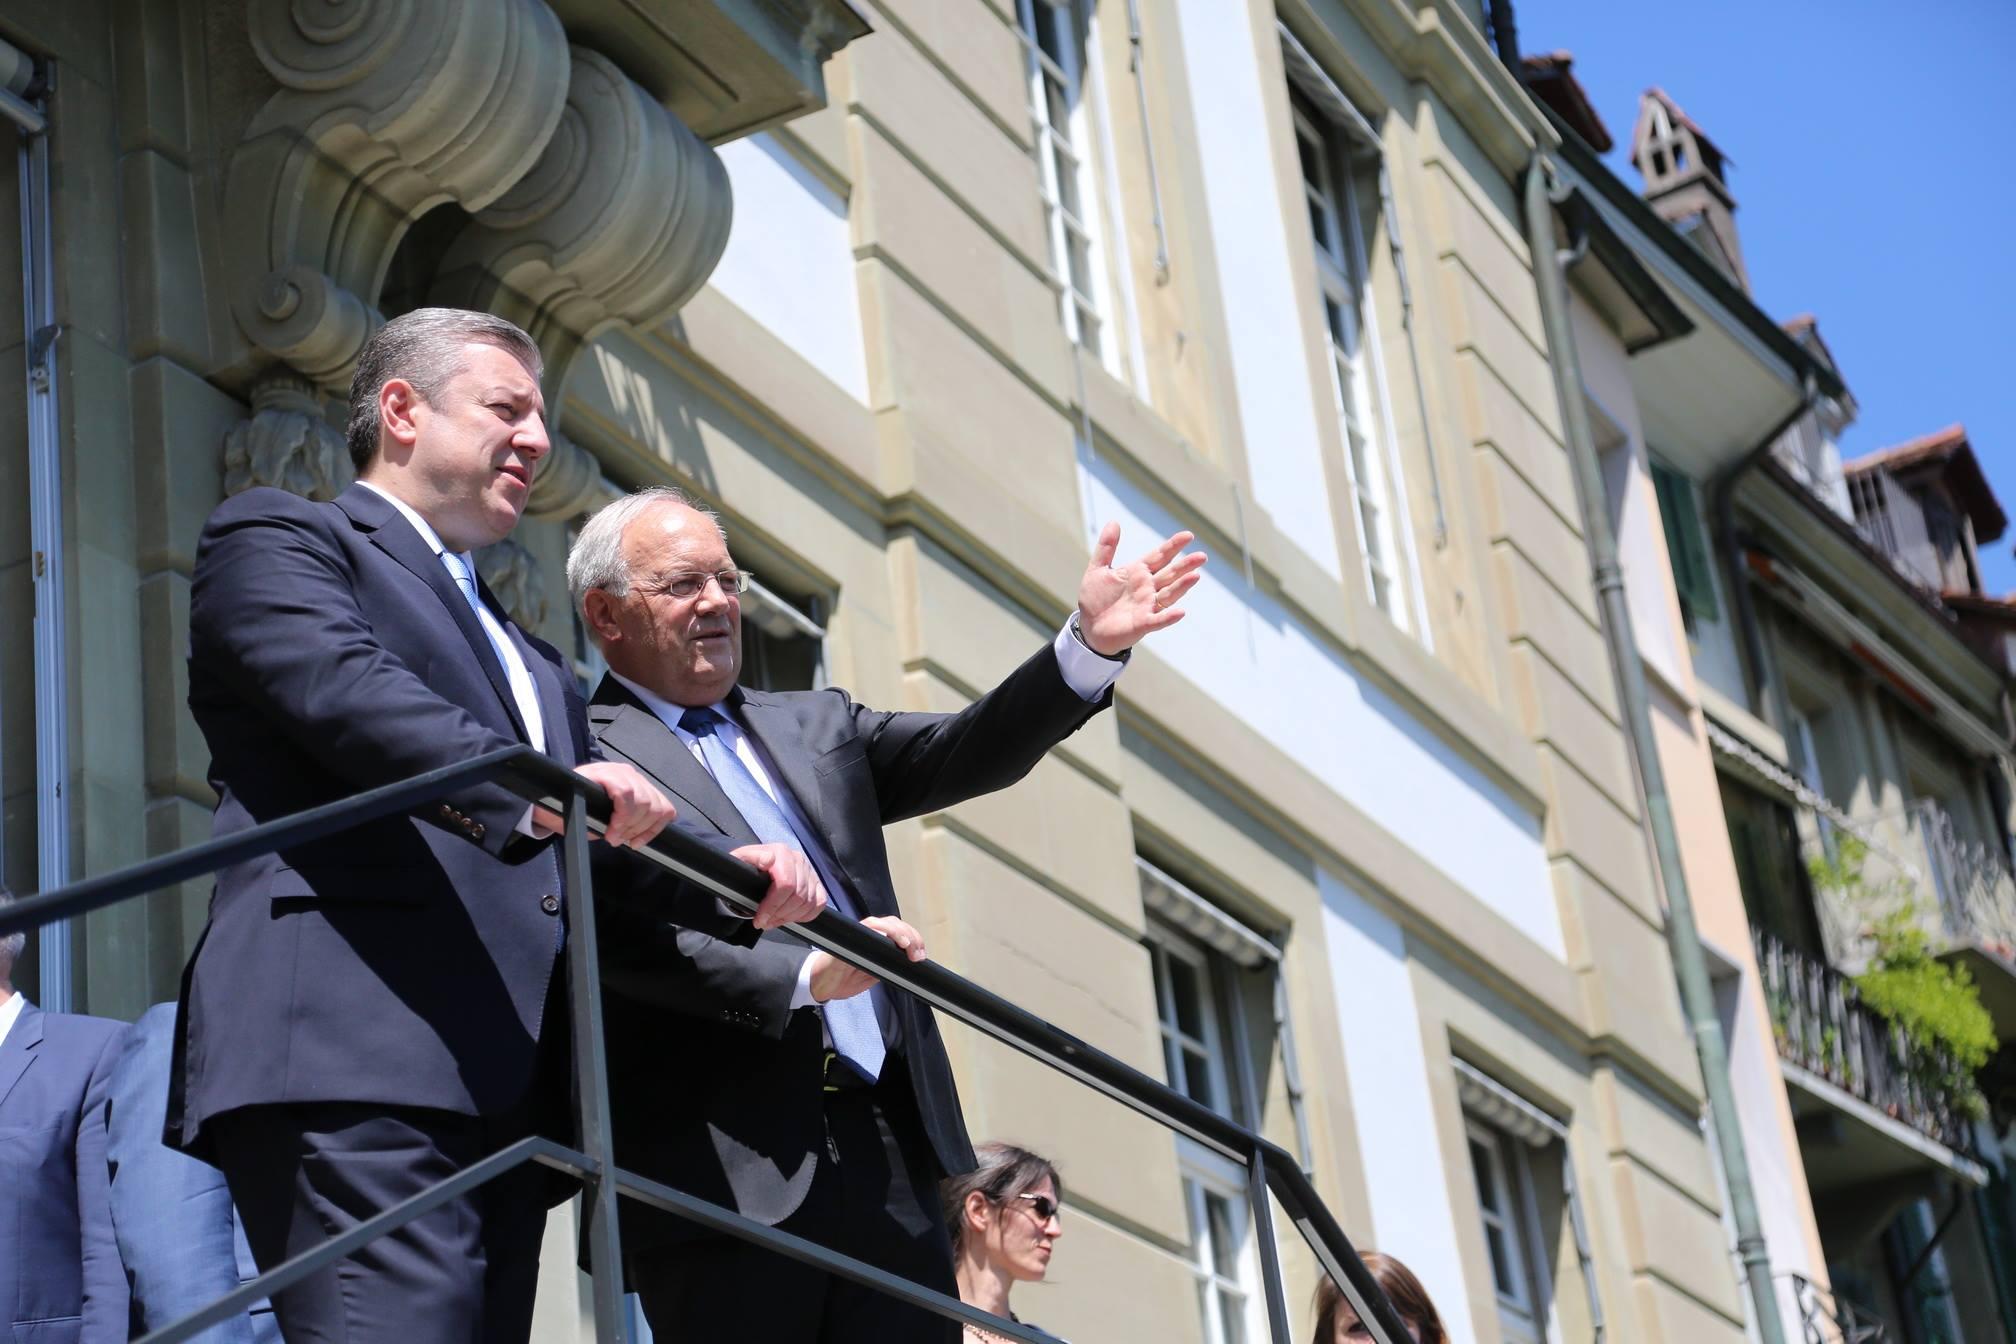 Швейцария готова содействовать улучшению отношений Грузии и России